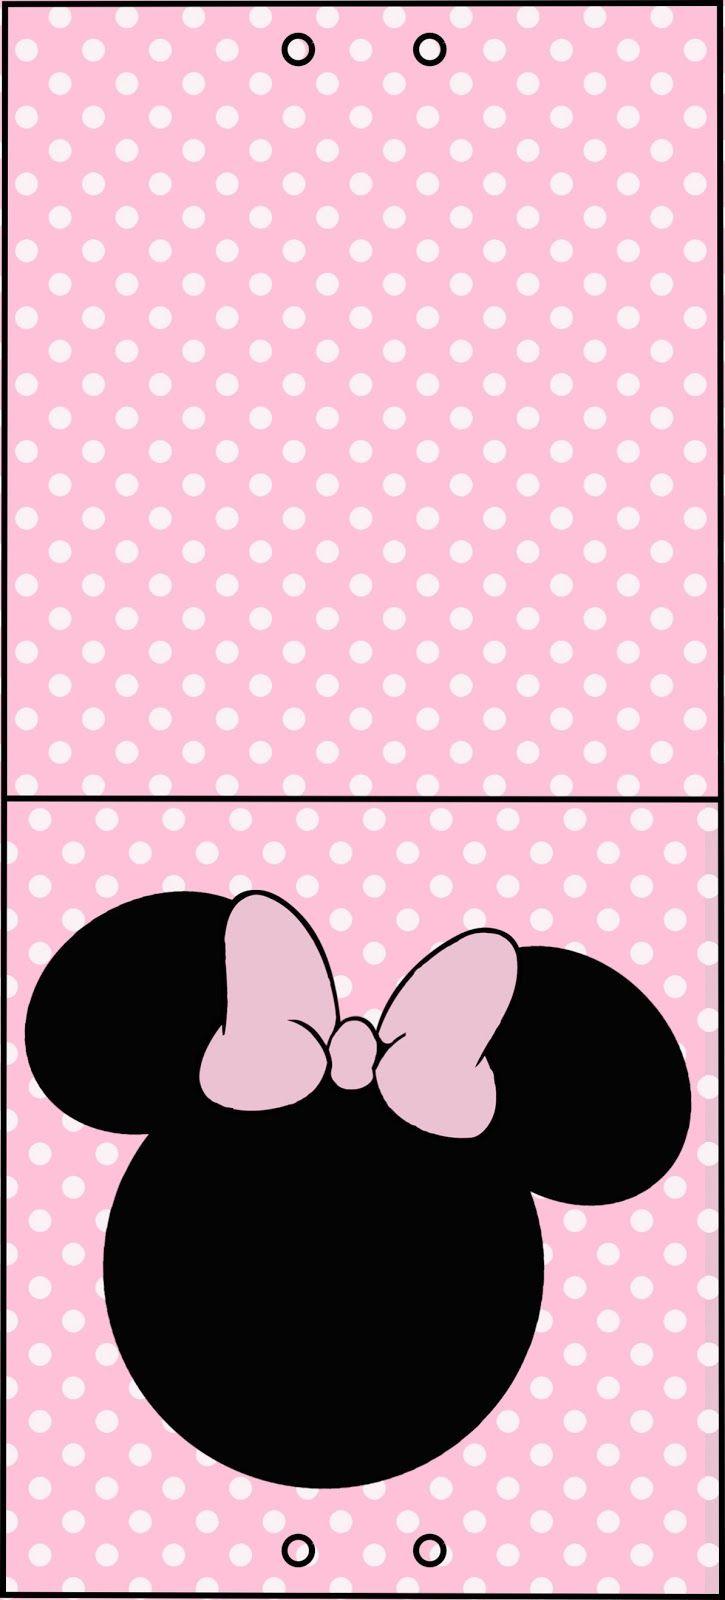 http://montandoaminhafesta.blogspot.com.br/2013/06/minnie-rosa-e-preto.html